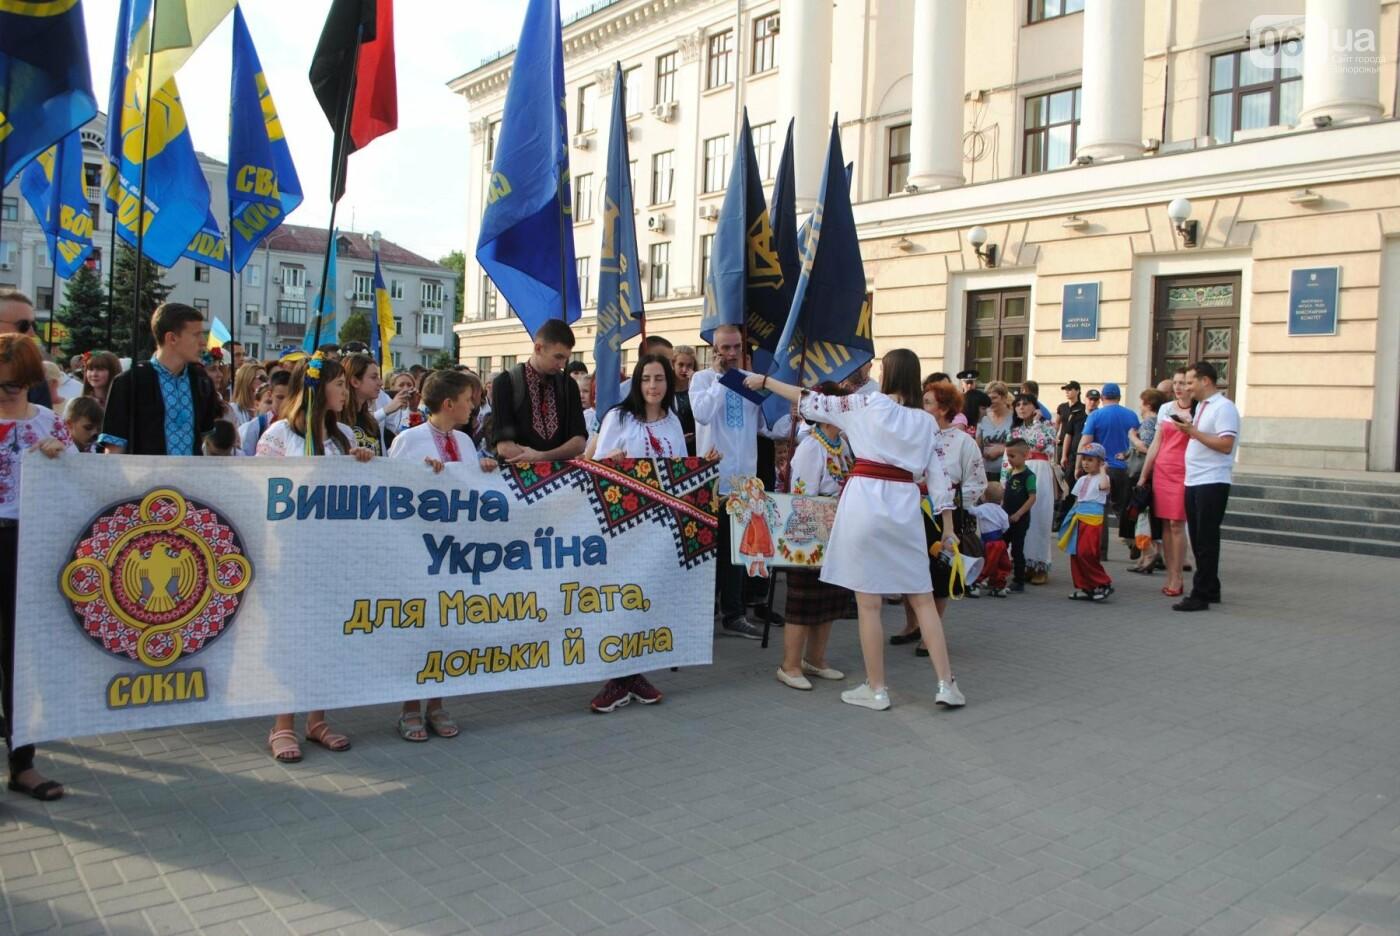 Несколько сотен запорожцев приняли участие в Марше вышиванок, - ФОТОРЕПОРТАЖ, фото-5